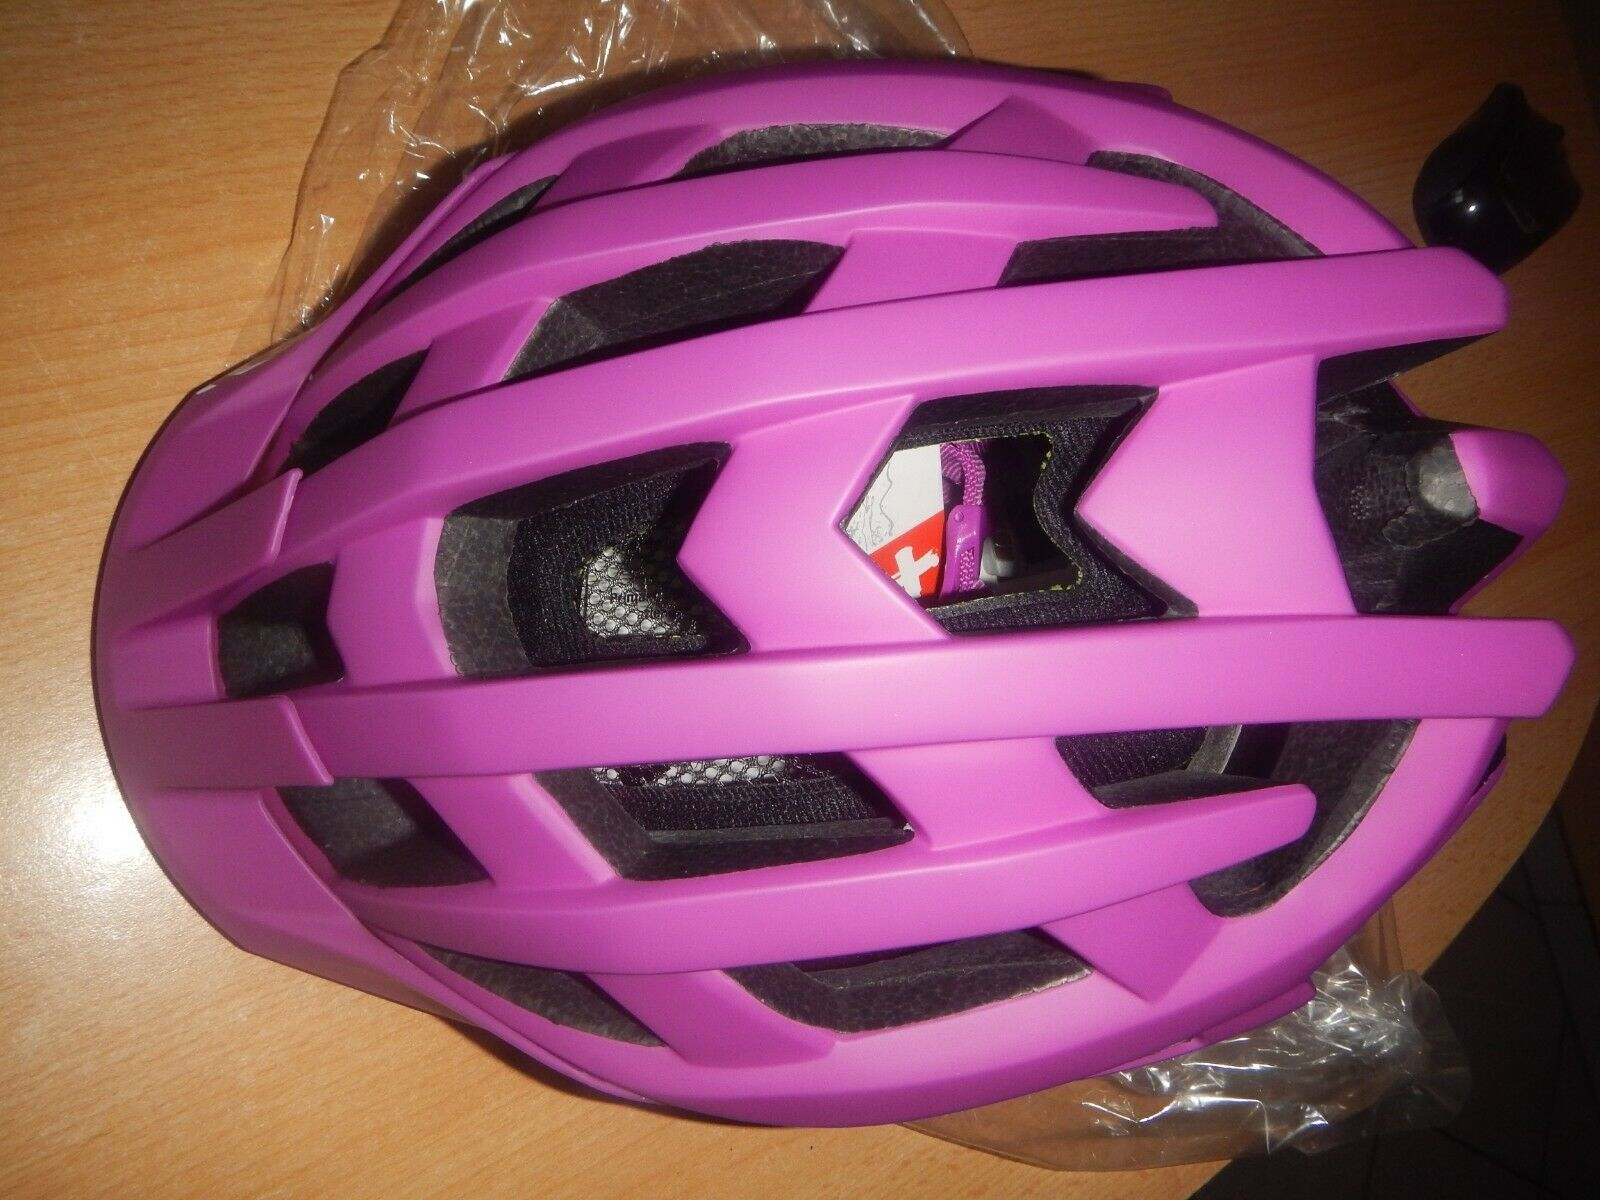 IXS fahradhelm casco  Kronos evo M L púrpura nuevo embalaje original  ventas calientes